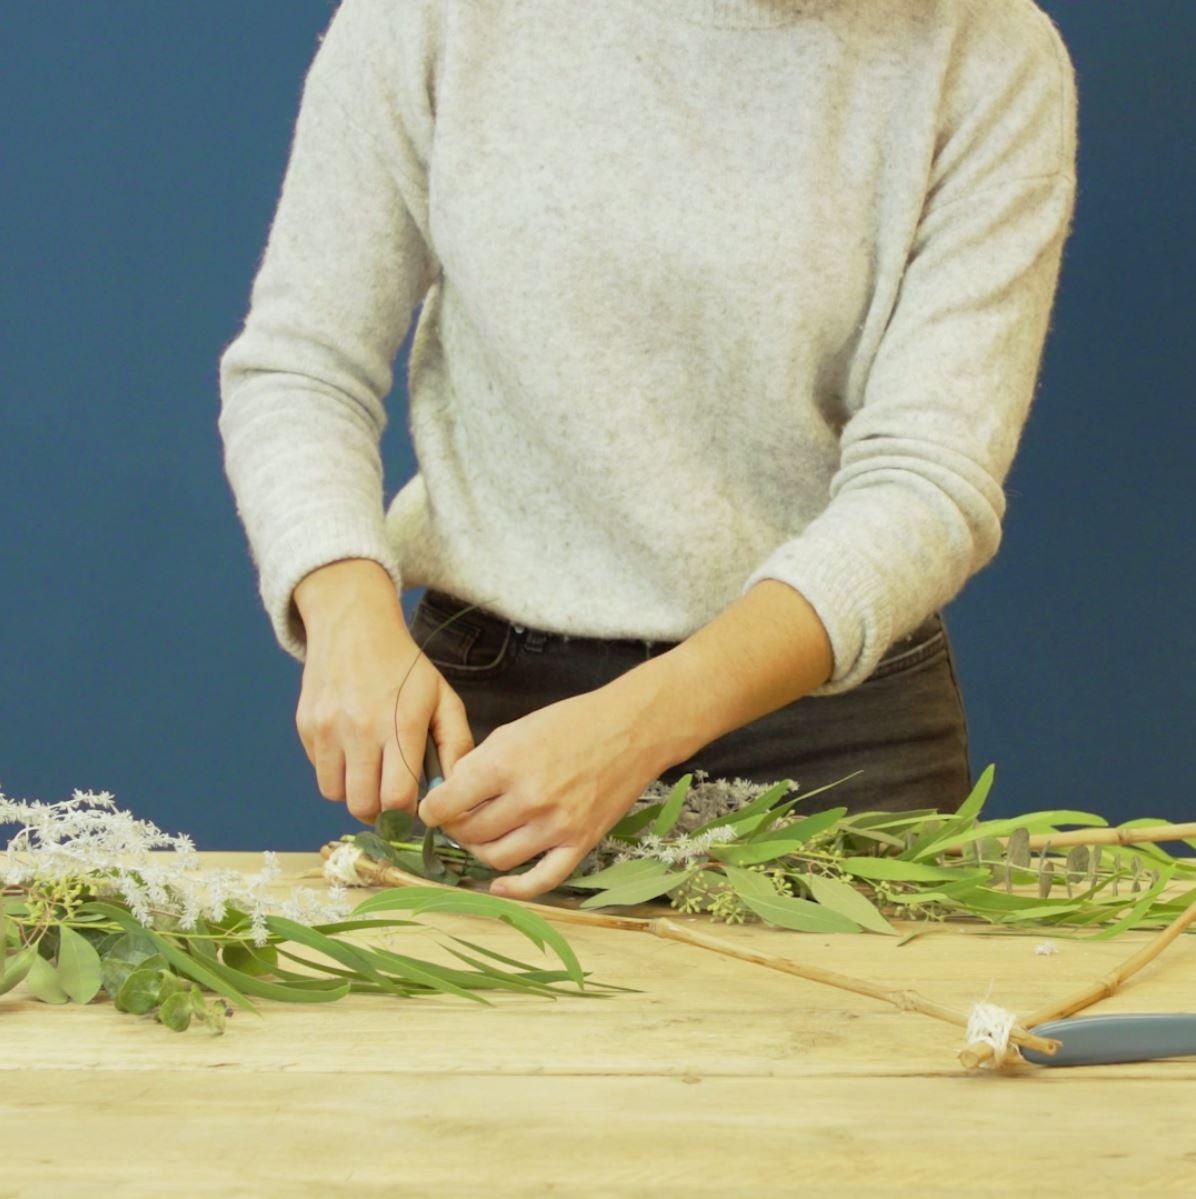 DIY Driehoek met eucalyptus takken. stap 3: Eucalyptus vastbinden